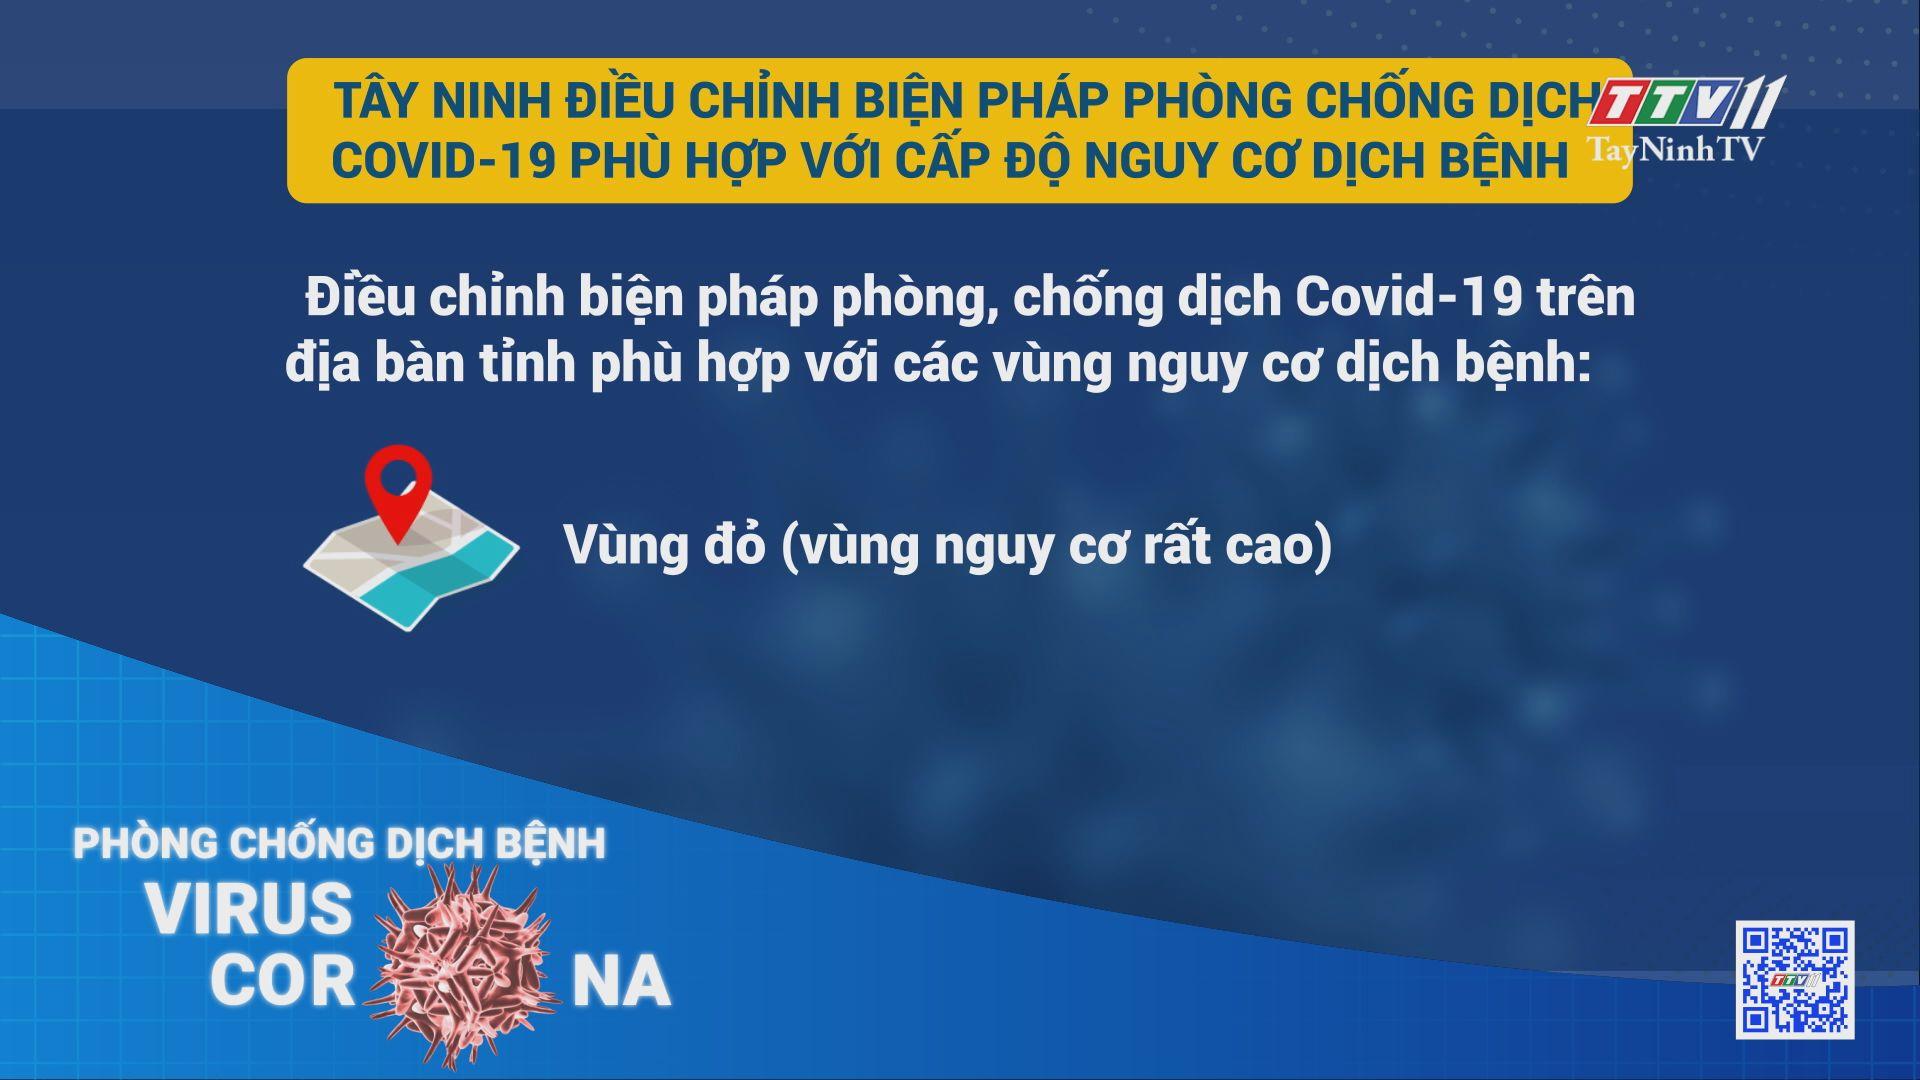 Tây Ninh điều chỉnh biện pháp phòng chống dịch Covid-9 phù hợp với cấp độ nguy cơ dịch bệnh | THÔNG TIN DỊCH COVID-19 | TayNinhTV